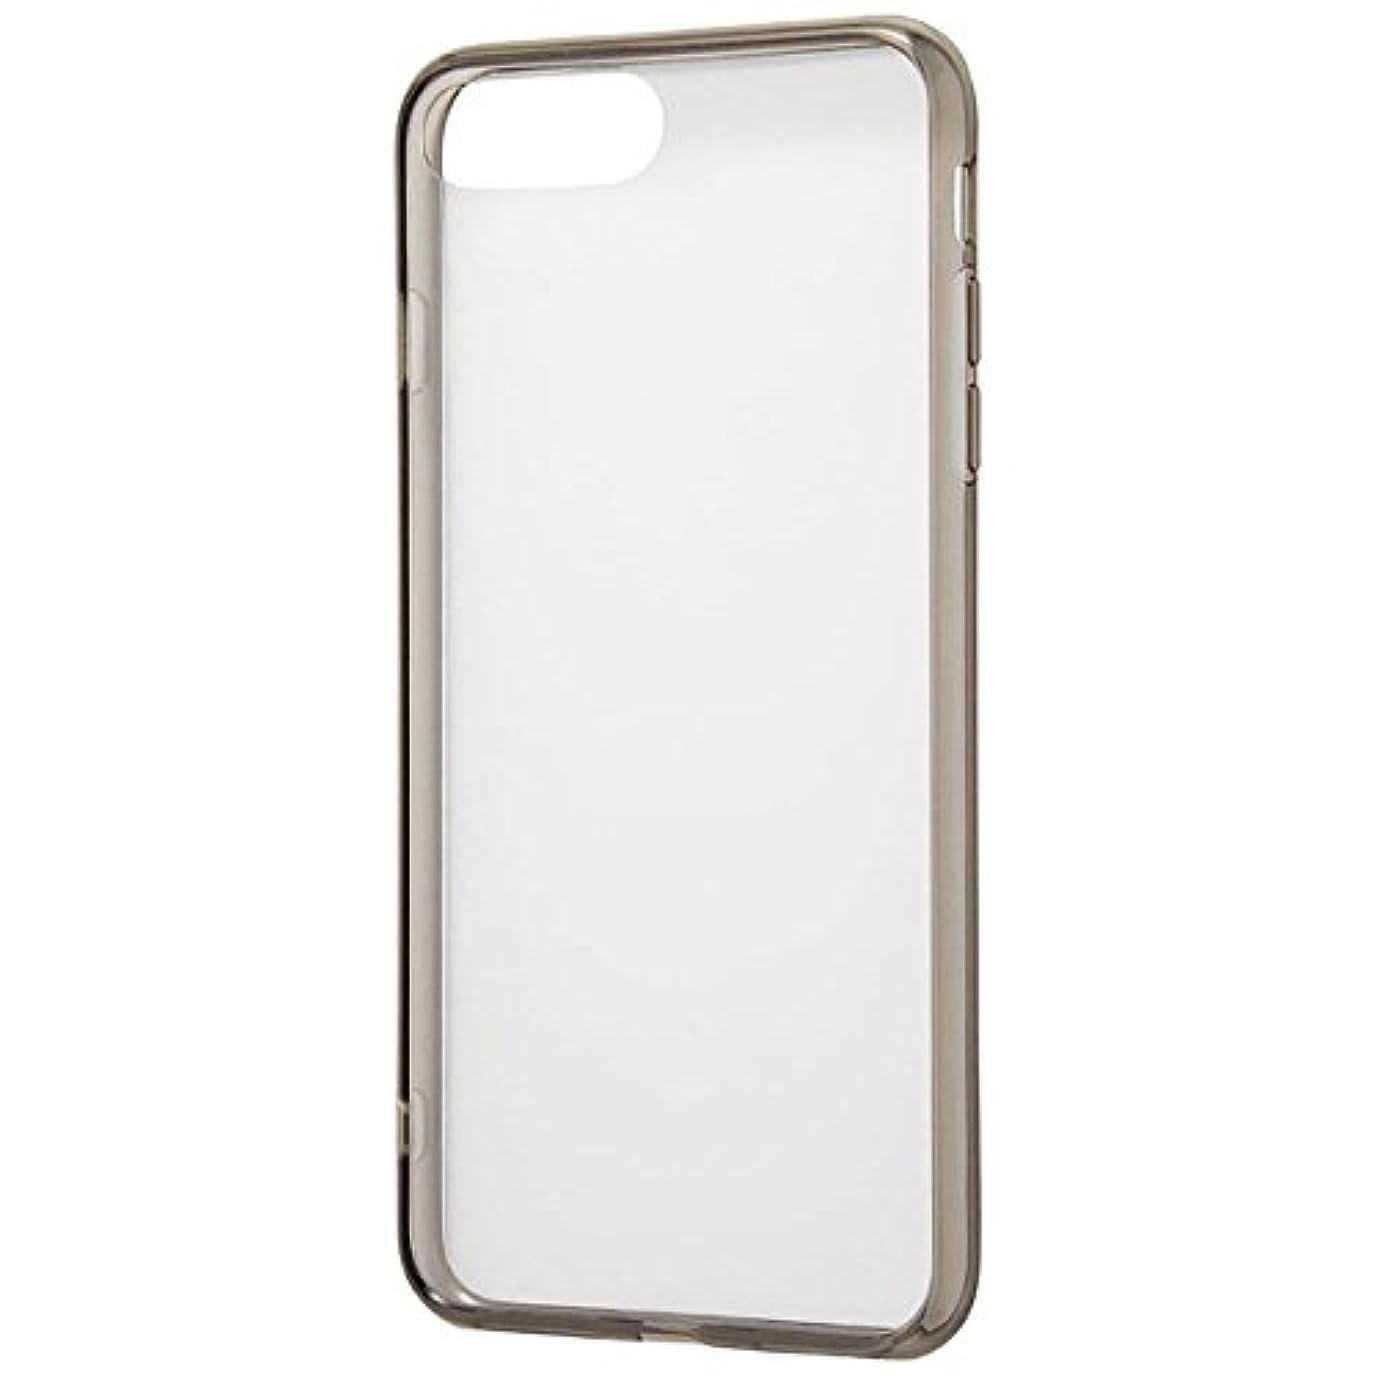 リッチ登山家インスタントレイ?アウト iPhone 8 Plus用 ハイブリッドケース/ブラック RT-P15CC2/BM